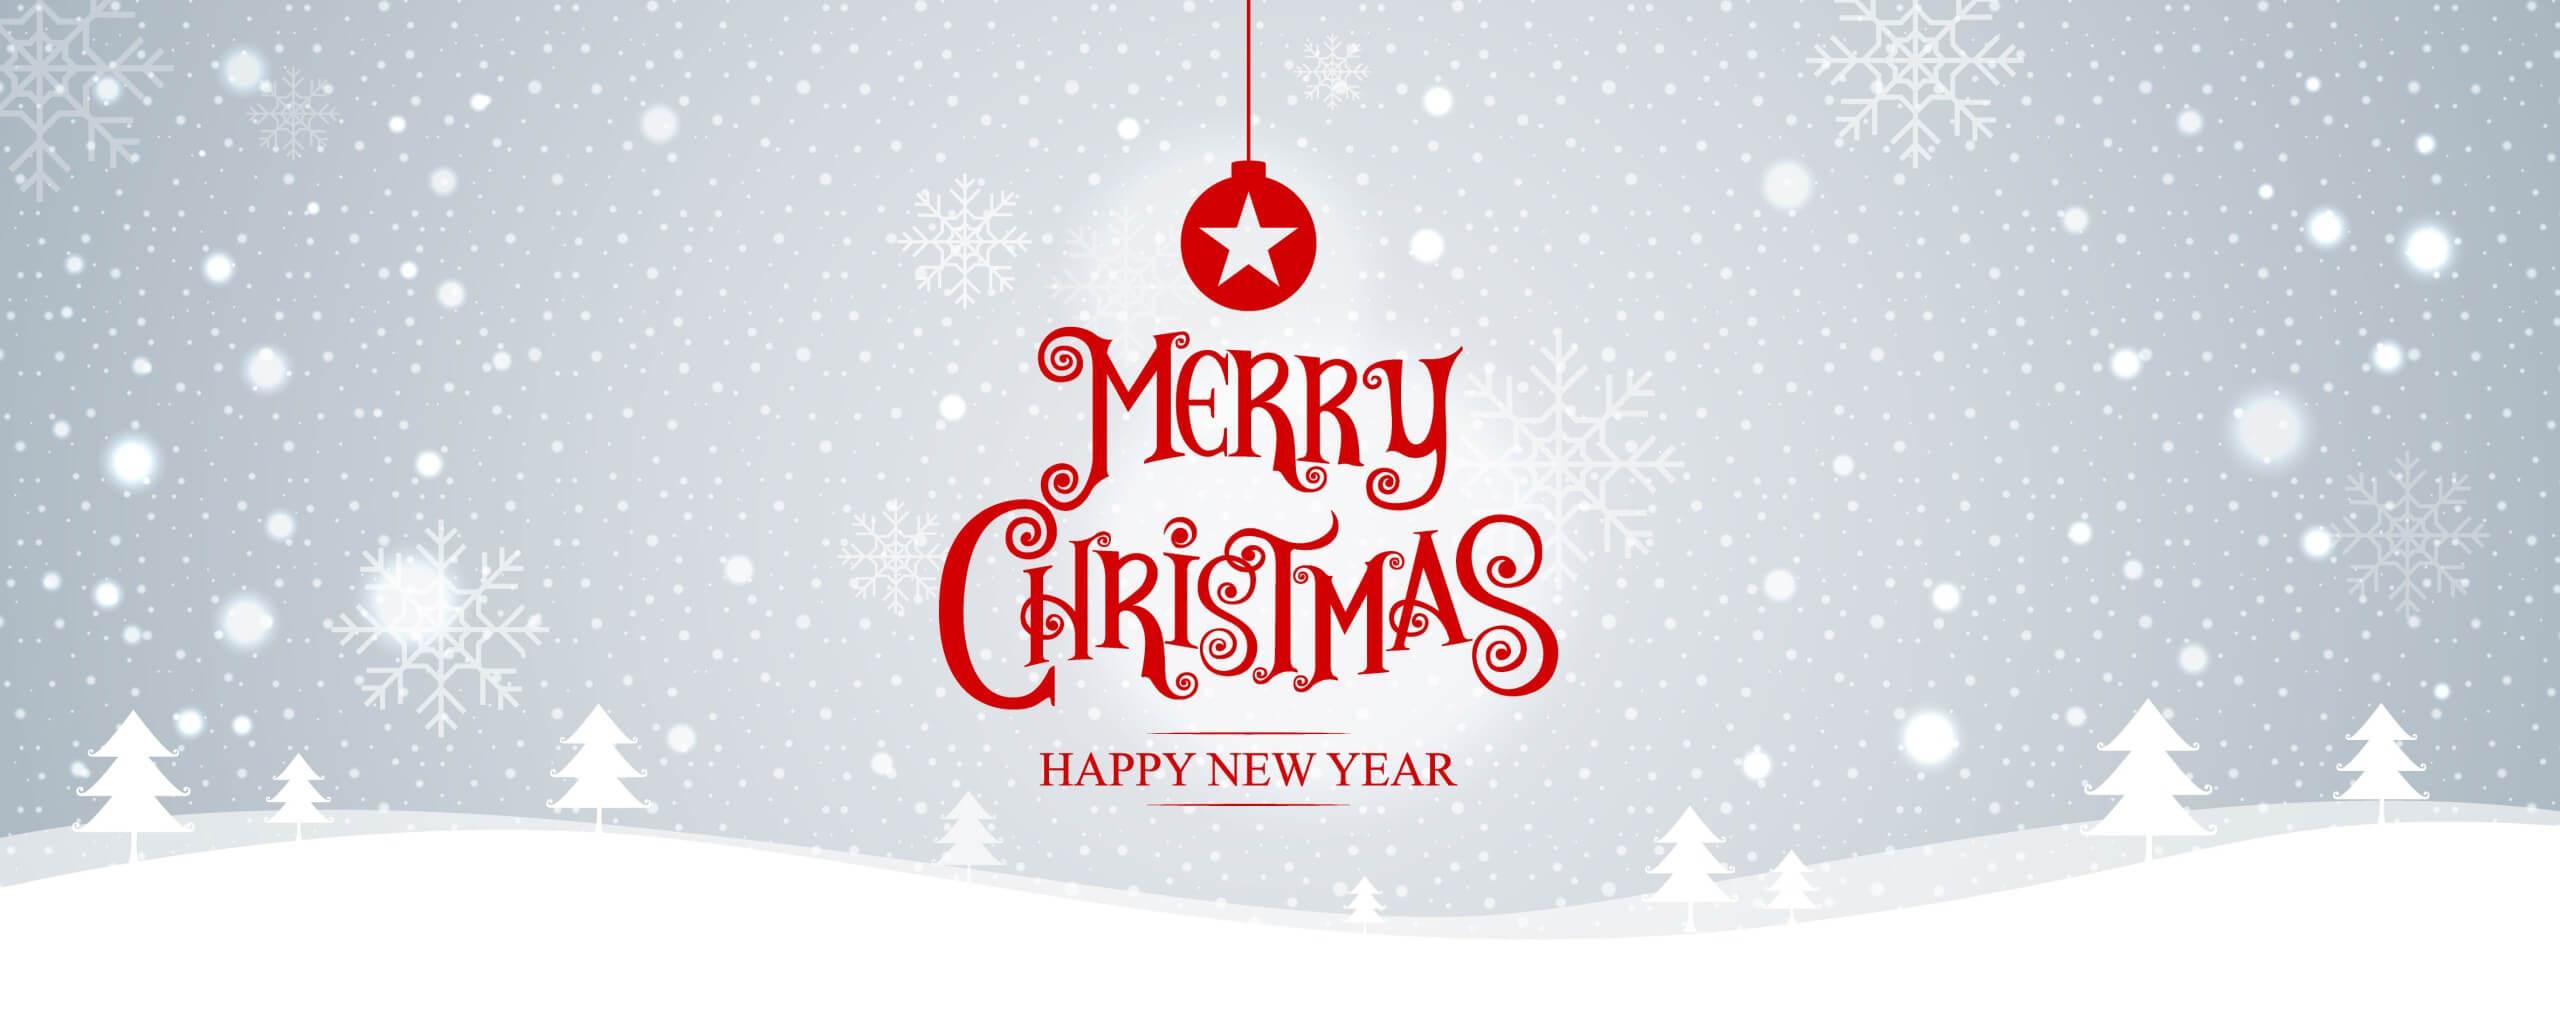 Catnapweb_Merry Christmas and PF